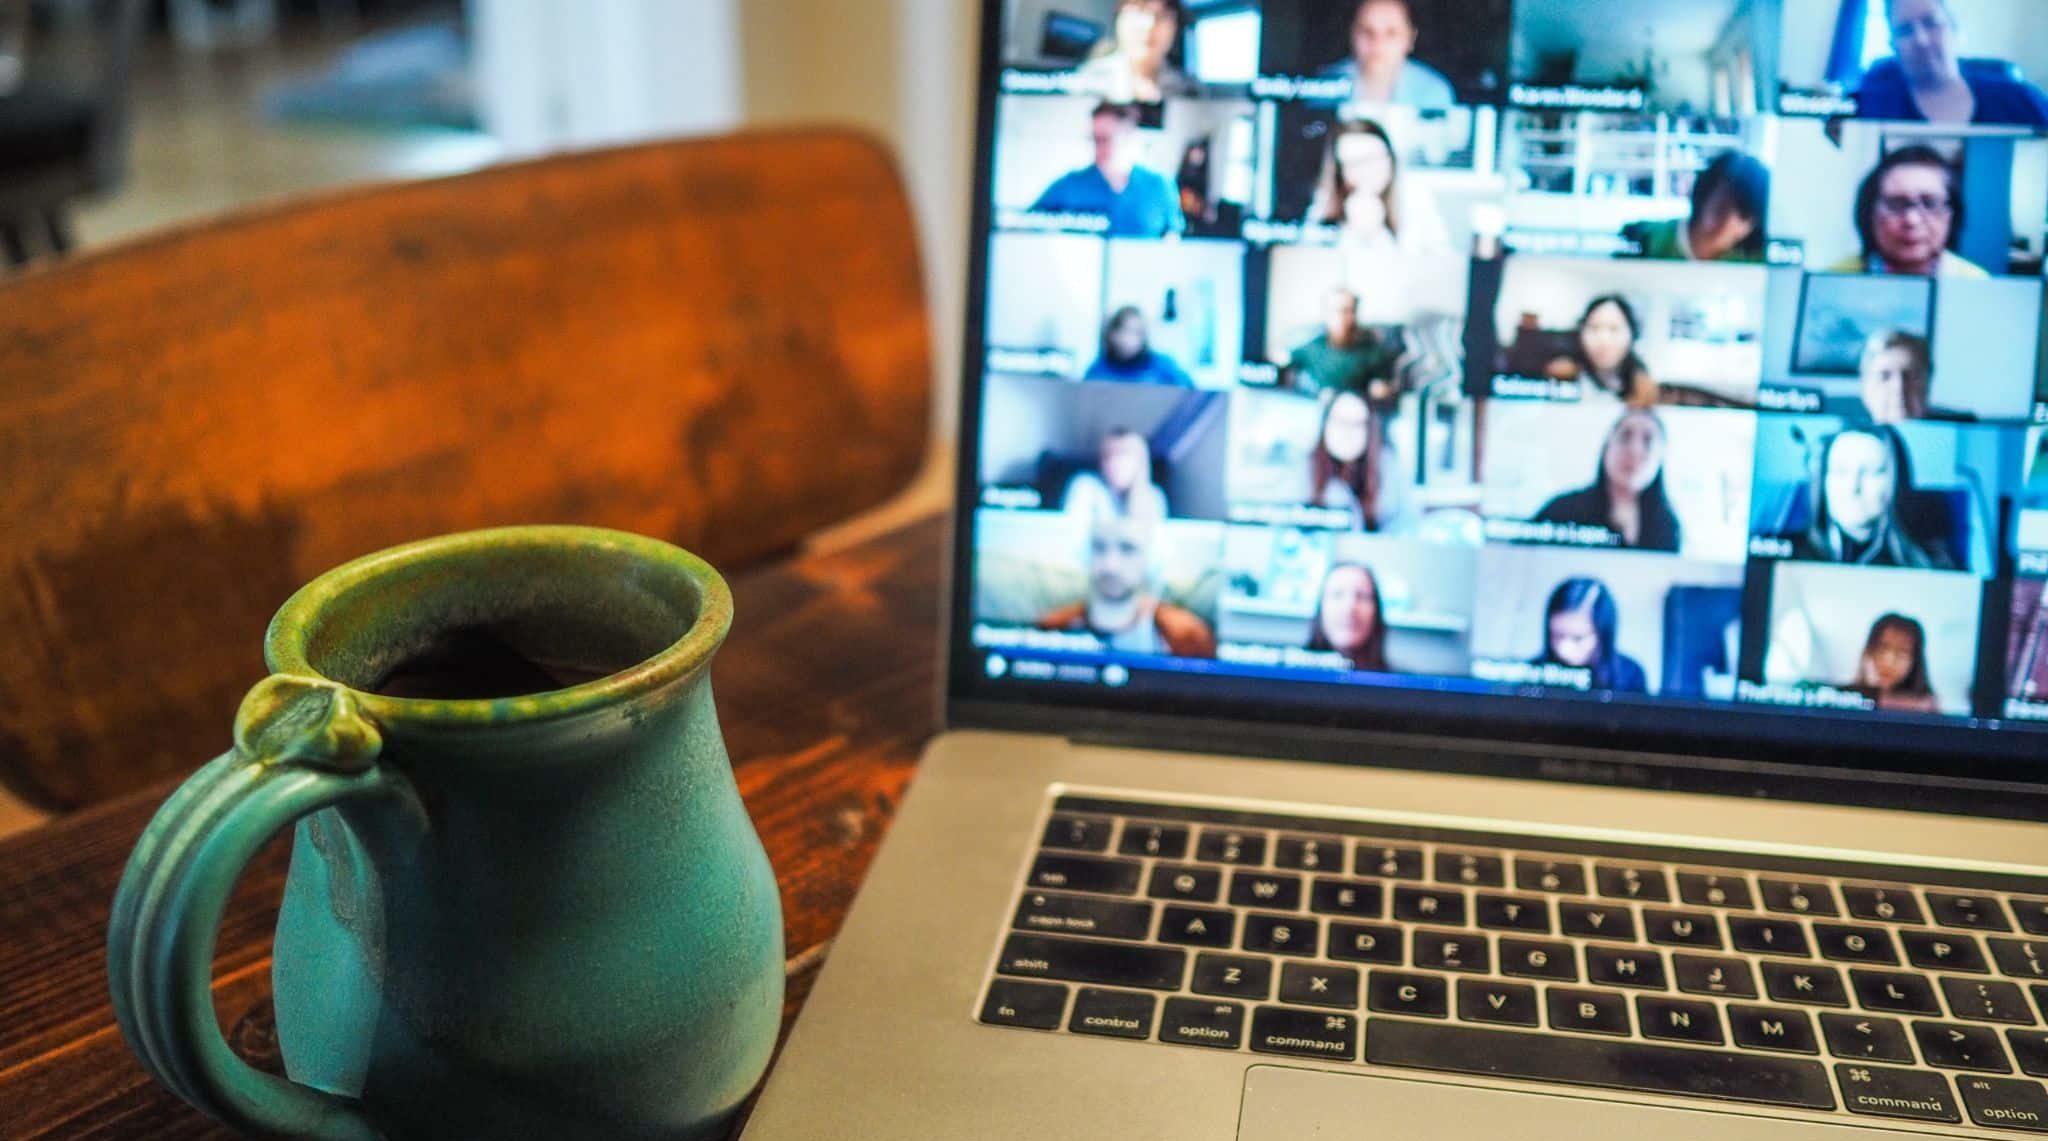 Online team meeting